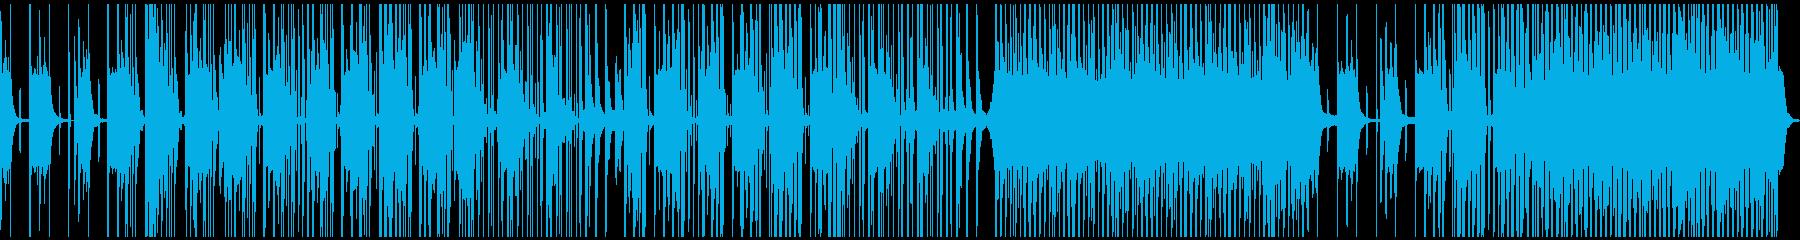 ポップ テクノ ドラム & ベース...の再生済みの波形